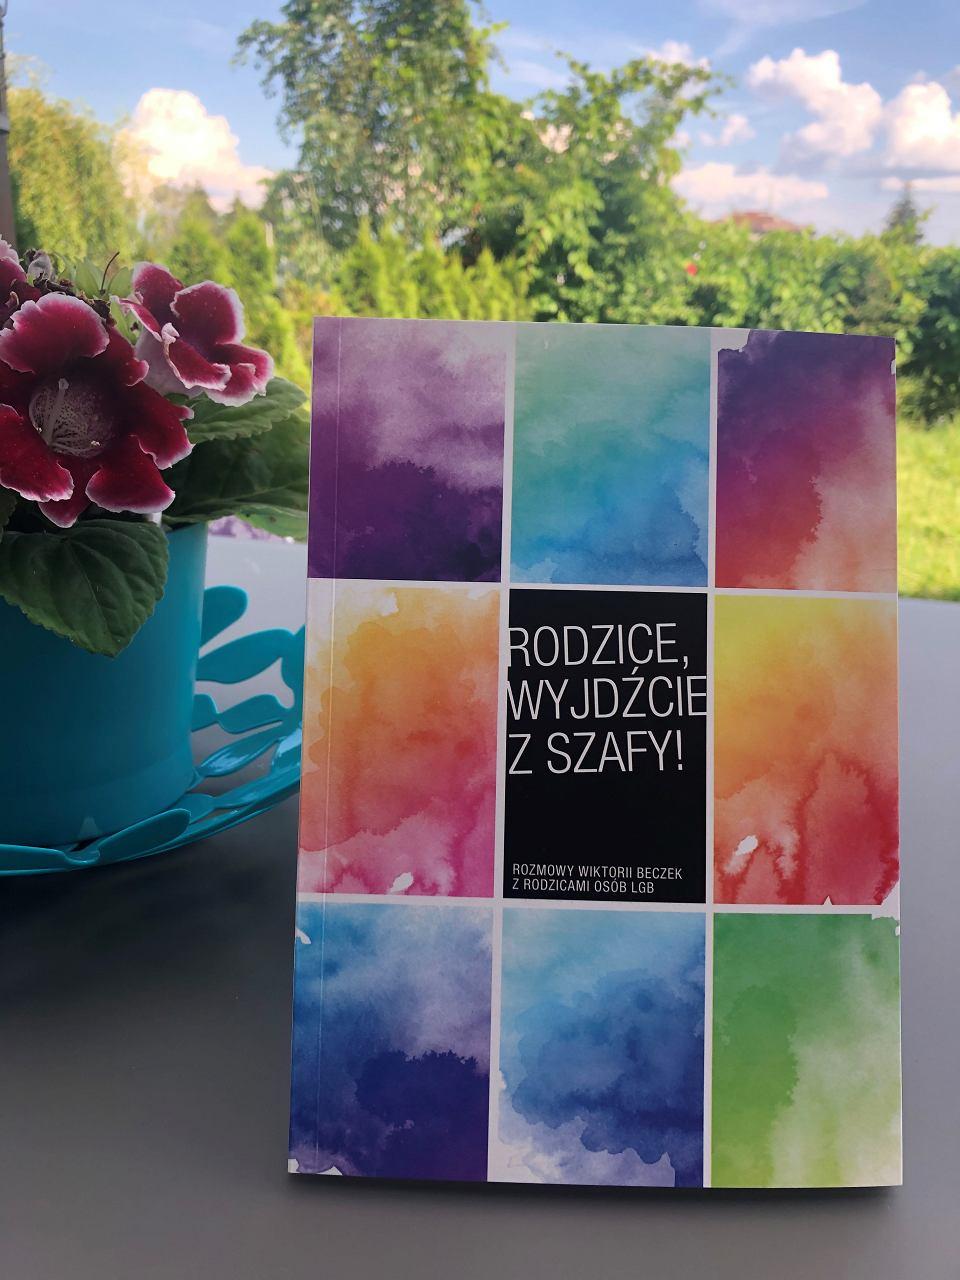 Książka Wiktorii Beczek 'Rodzice wyjdźcie z szafy' to cykl wywiadów z rodzicami gejów, lesbijek i osób biseksualnych. Wydawcą książki jest Stowarzyszenie Rodzin i Przyjaciół Osób Homoseksualnych, Biseksualnych i Transpłciowych Akceptacja. Książka jest dostępna nieodpłatnie w formie pliku PDF